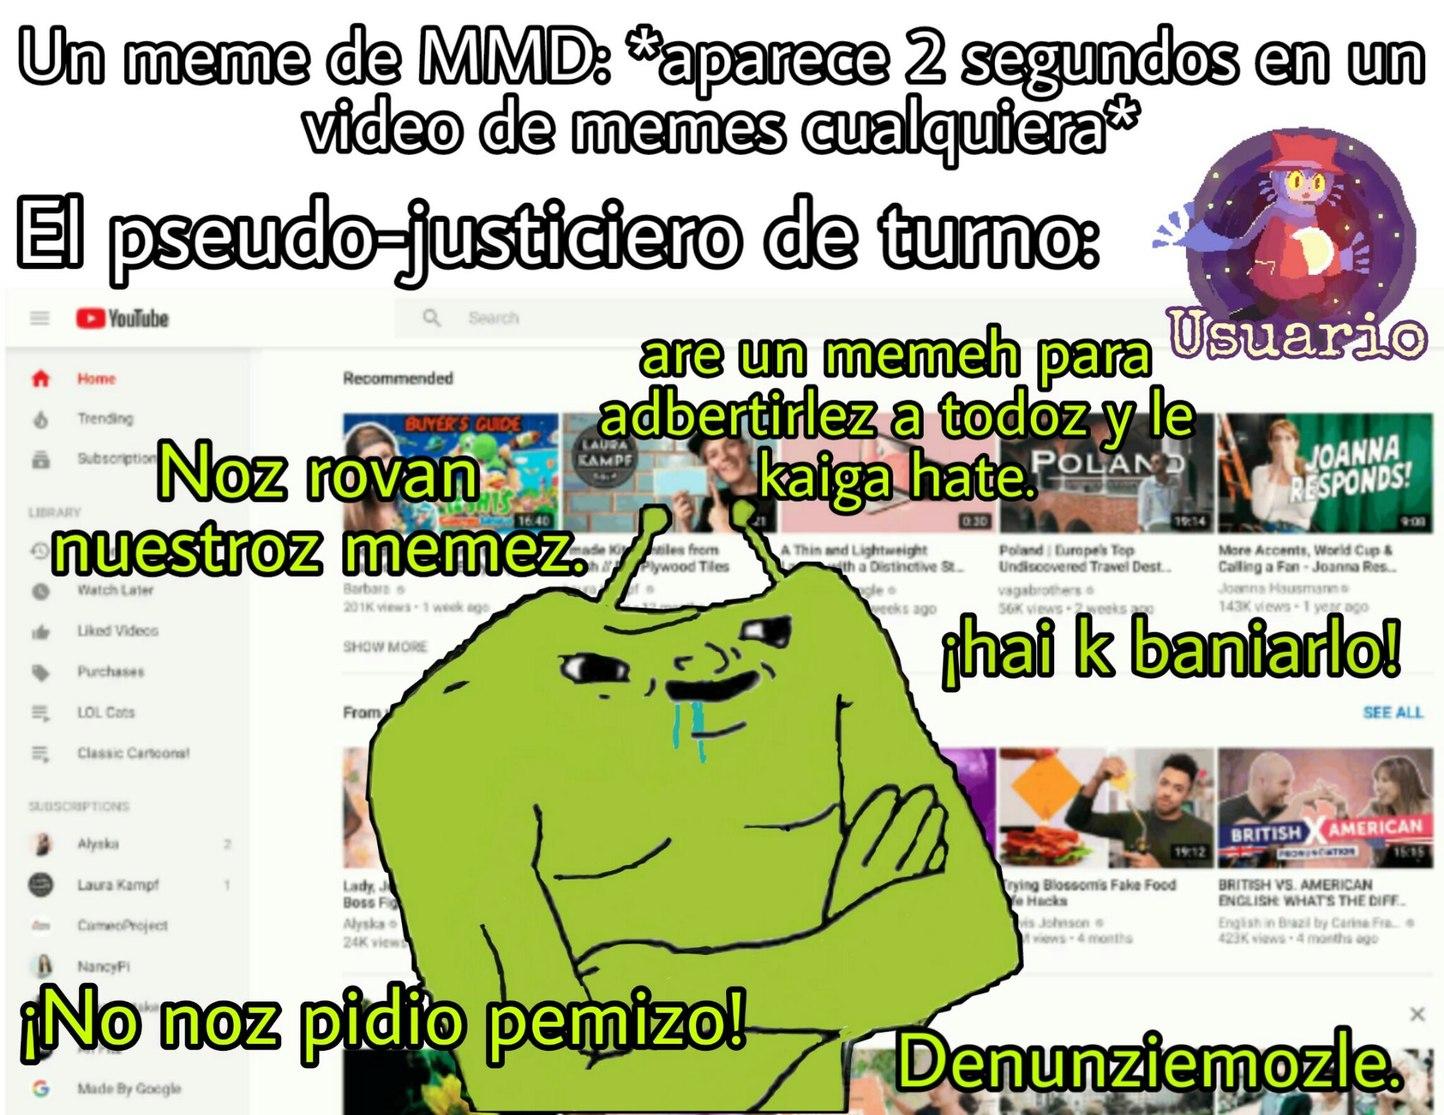 Pseudo-Justicieros de MMD. - meme